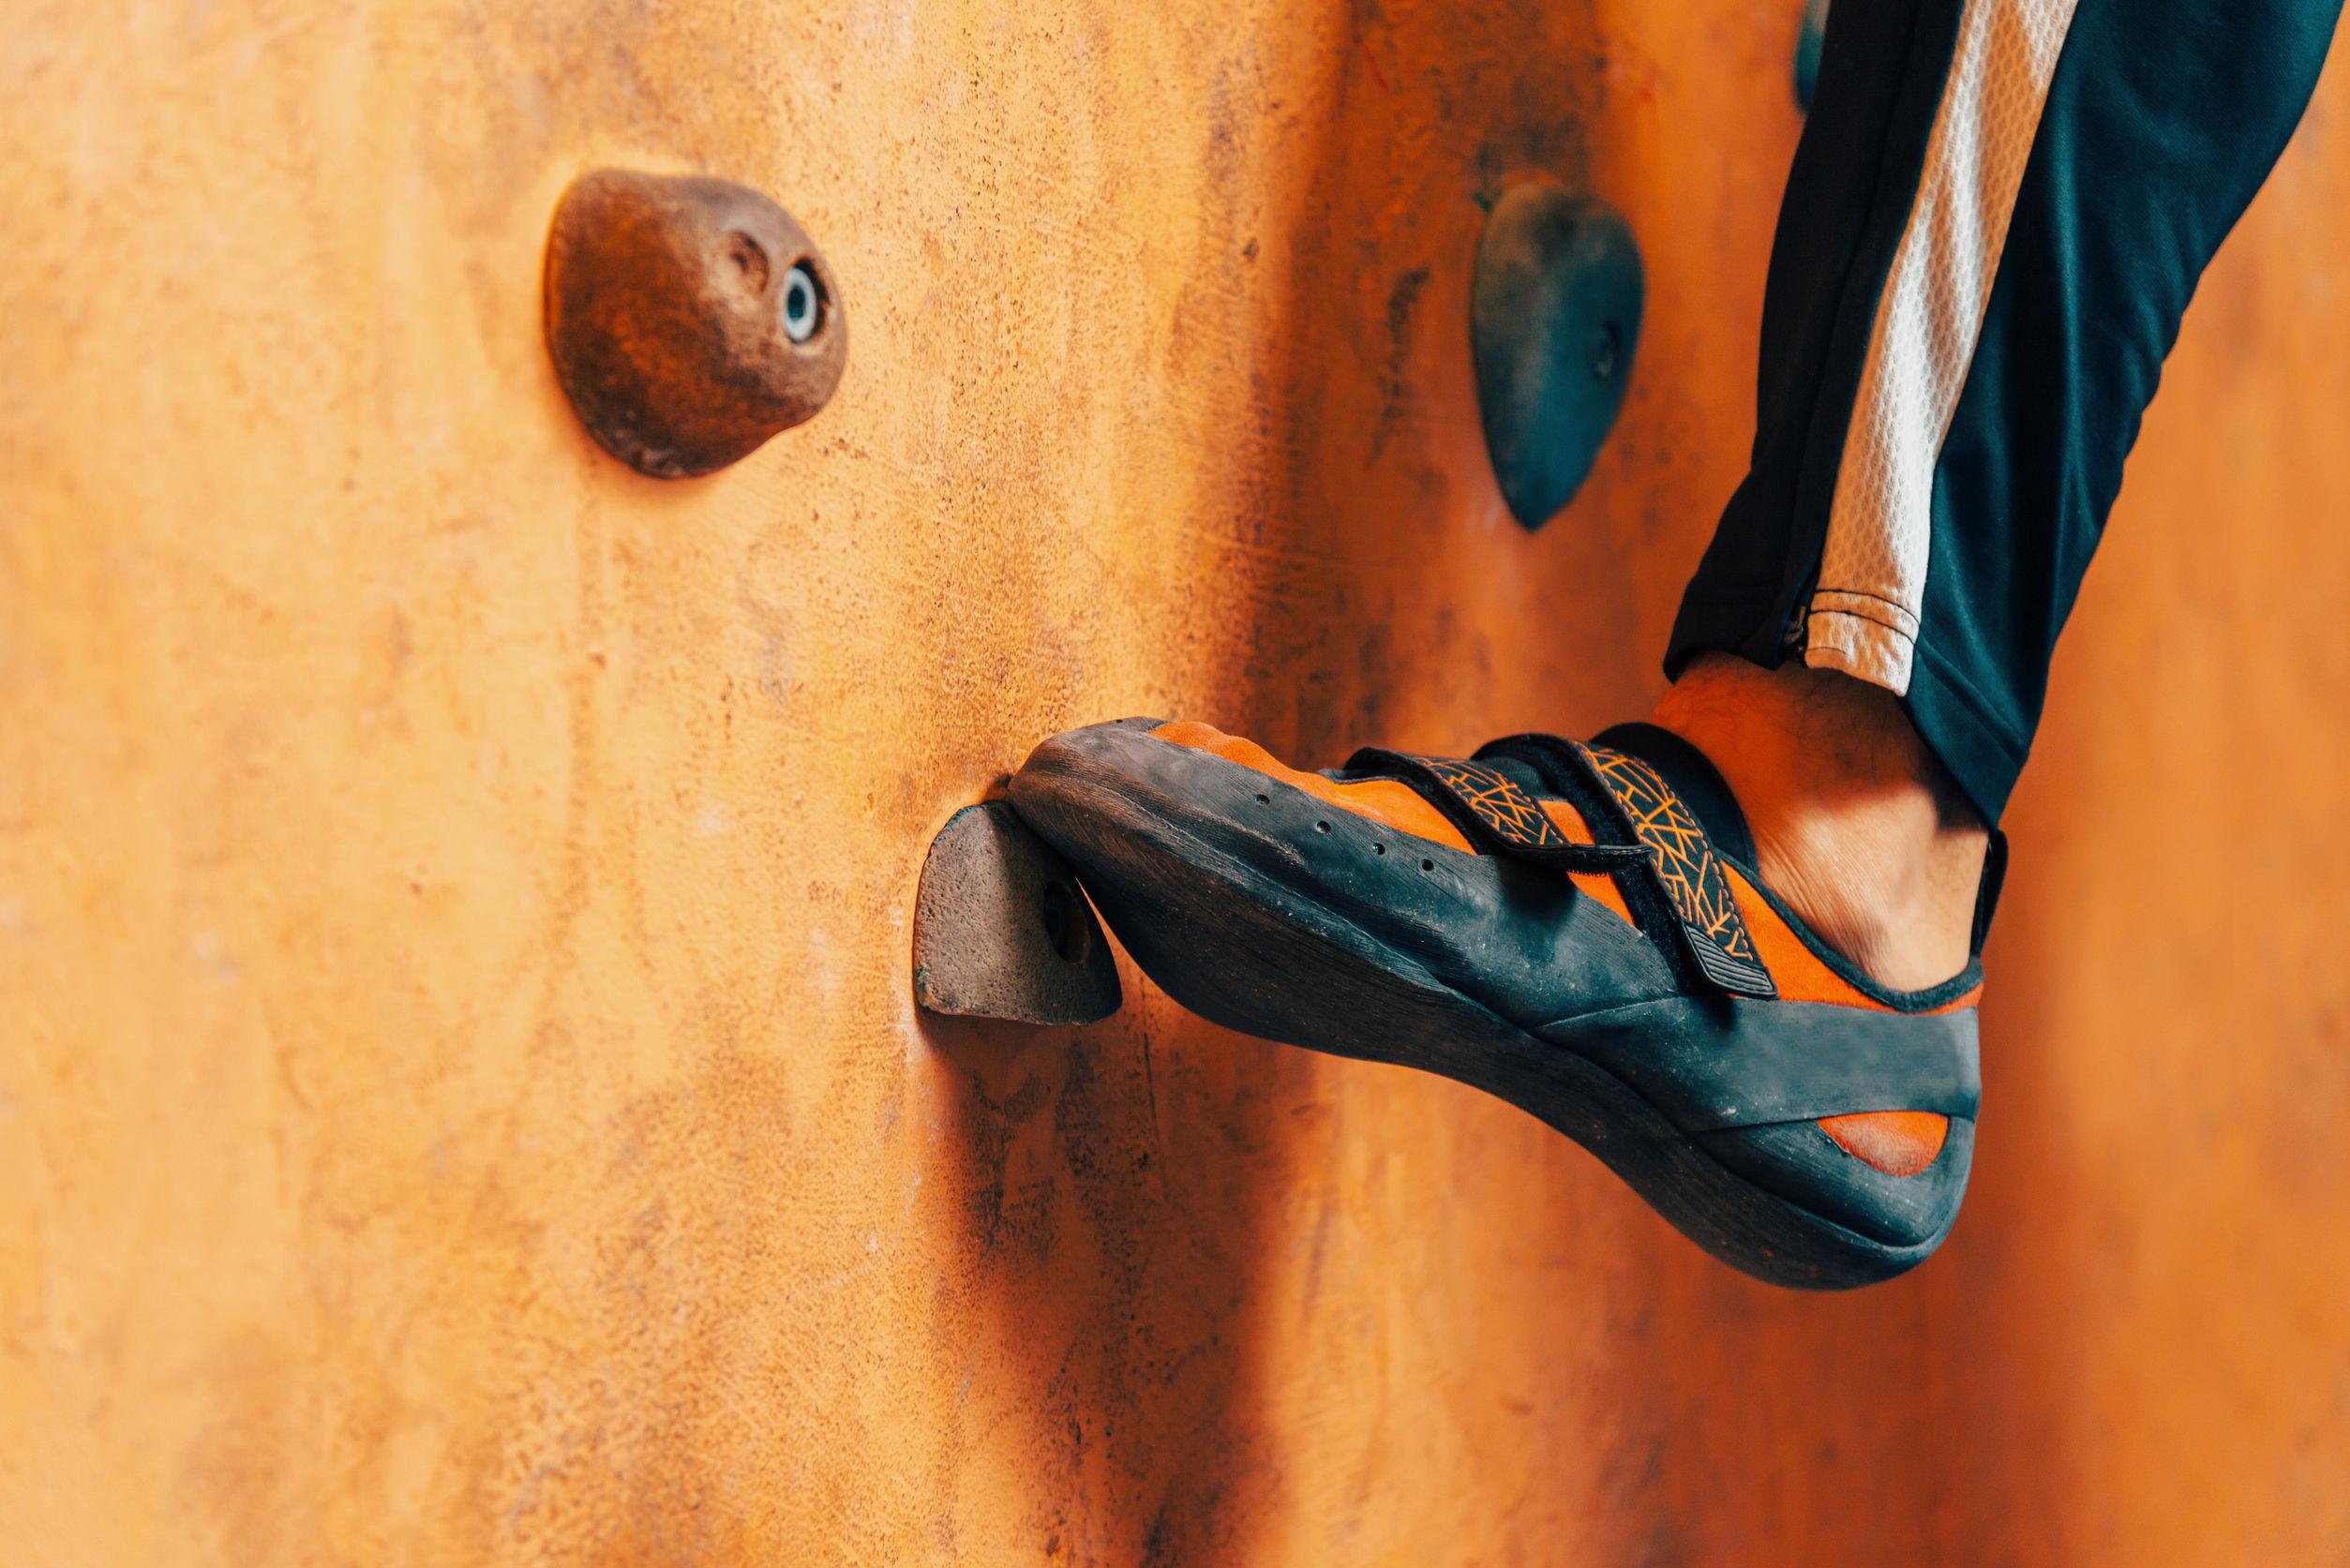 Migliori scarpette da arrampicata 2020: Guida all'acquisto